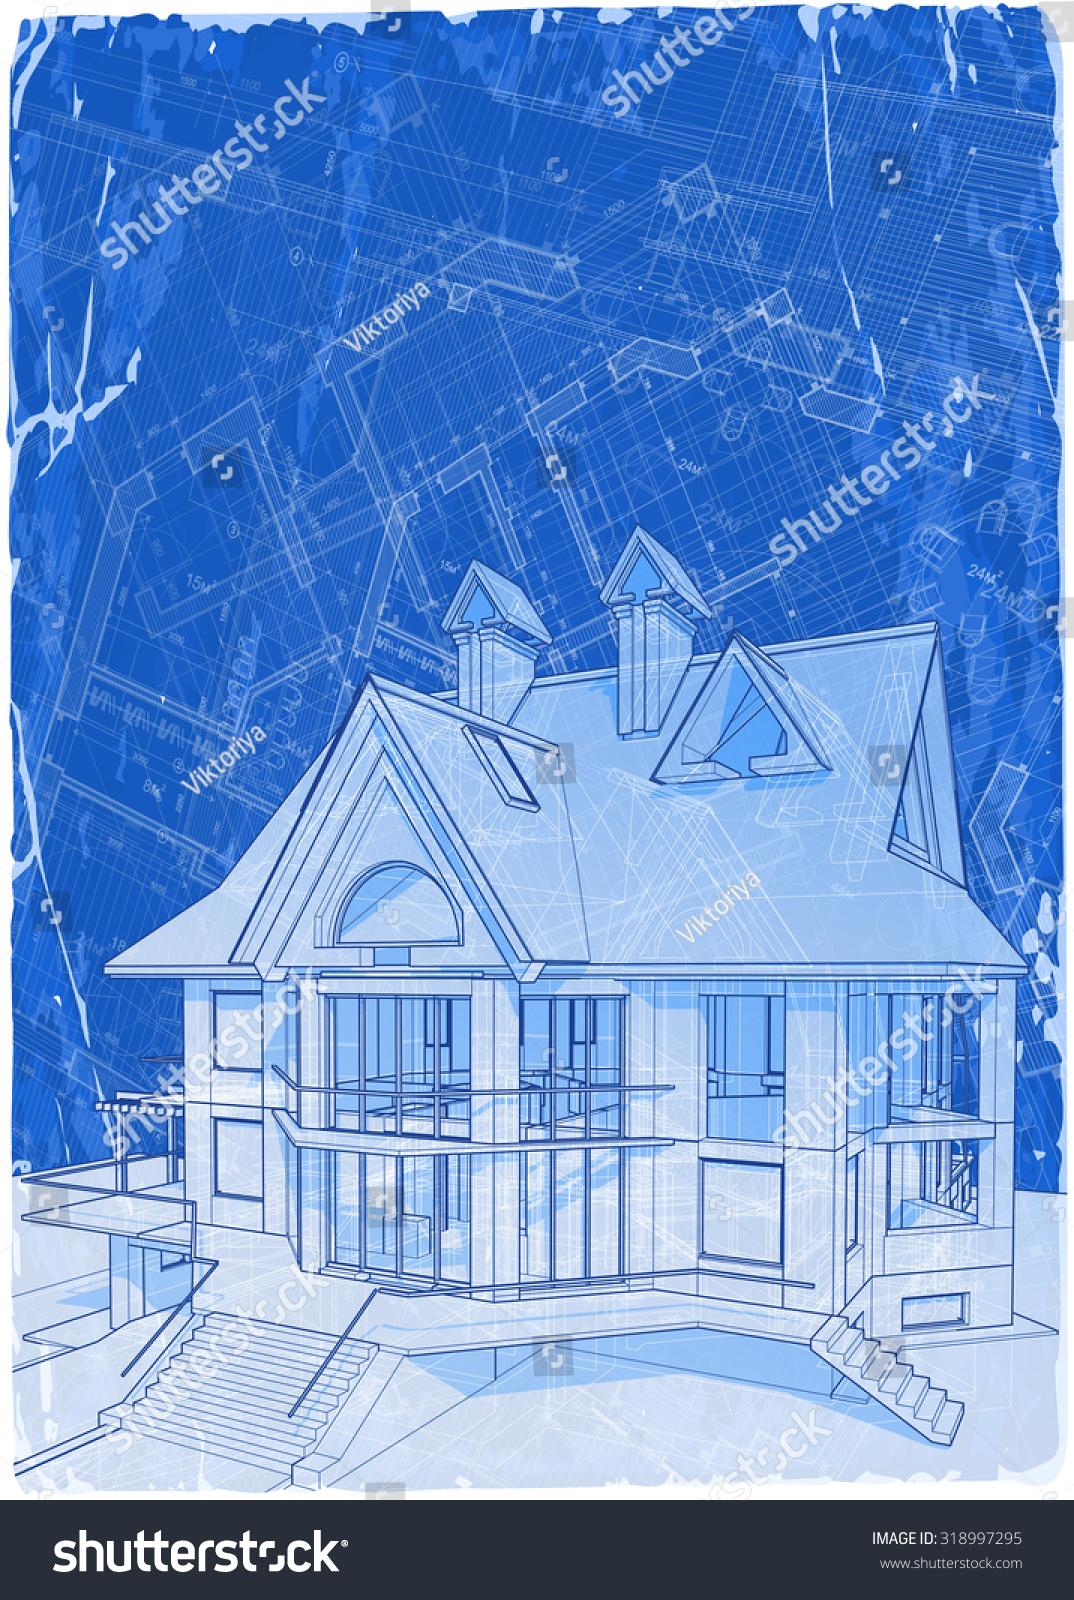 Architecture blueprints 3d 3d architectural home design drawings architecture blueprints 3d architecture blueprint 3d house vector illustration eps10 blueprints u malvernweather Image collections